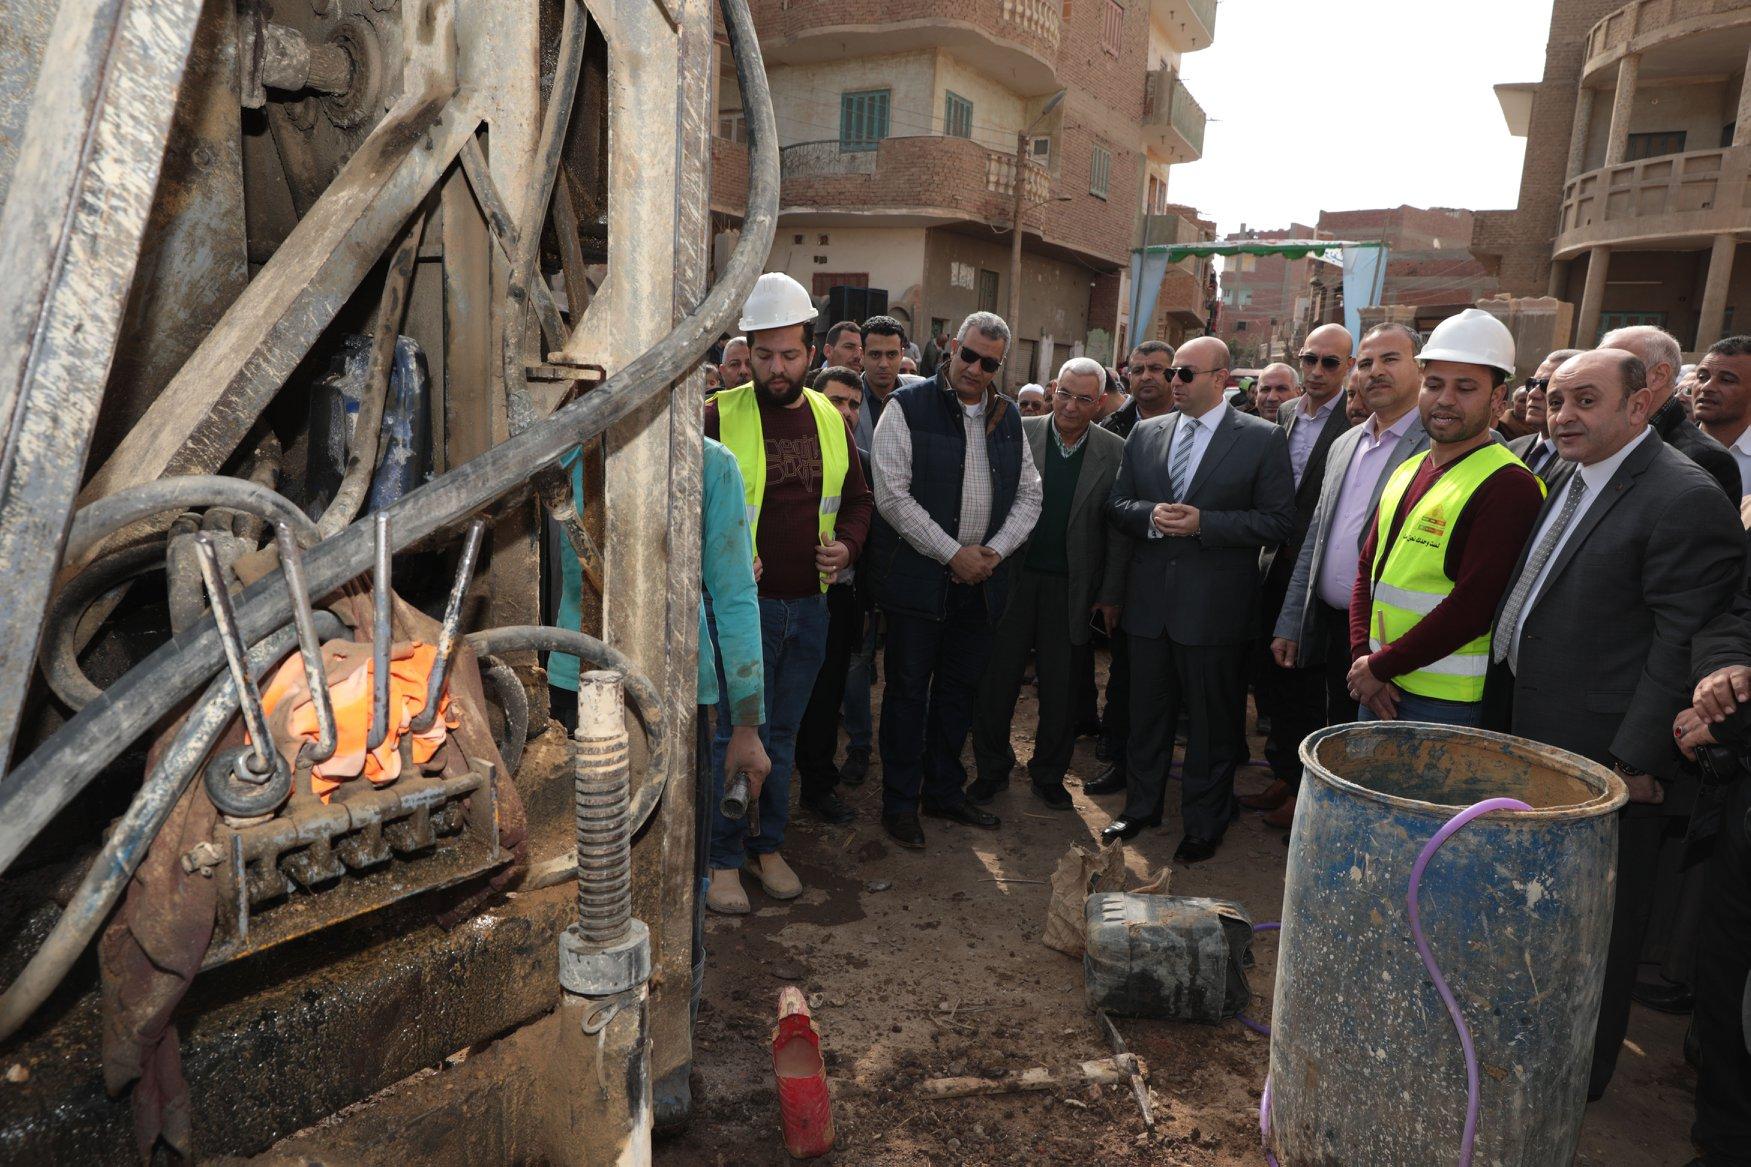 محافظ بني سويف يشهد بدء تنفيذ مشروع الصرف الصحي لأول قرية بنظام المشاركة المجتمعية